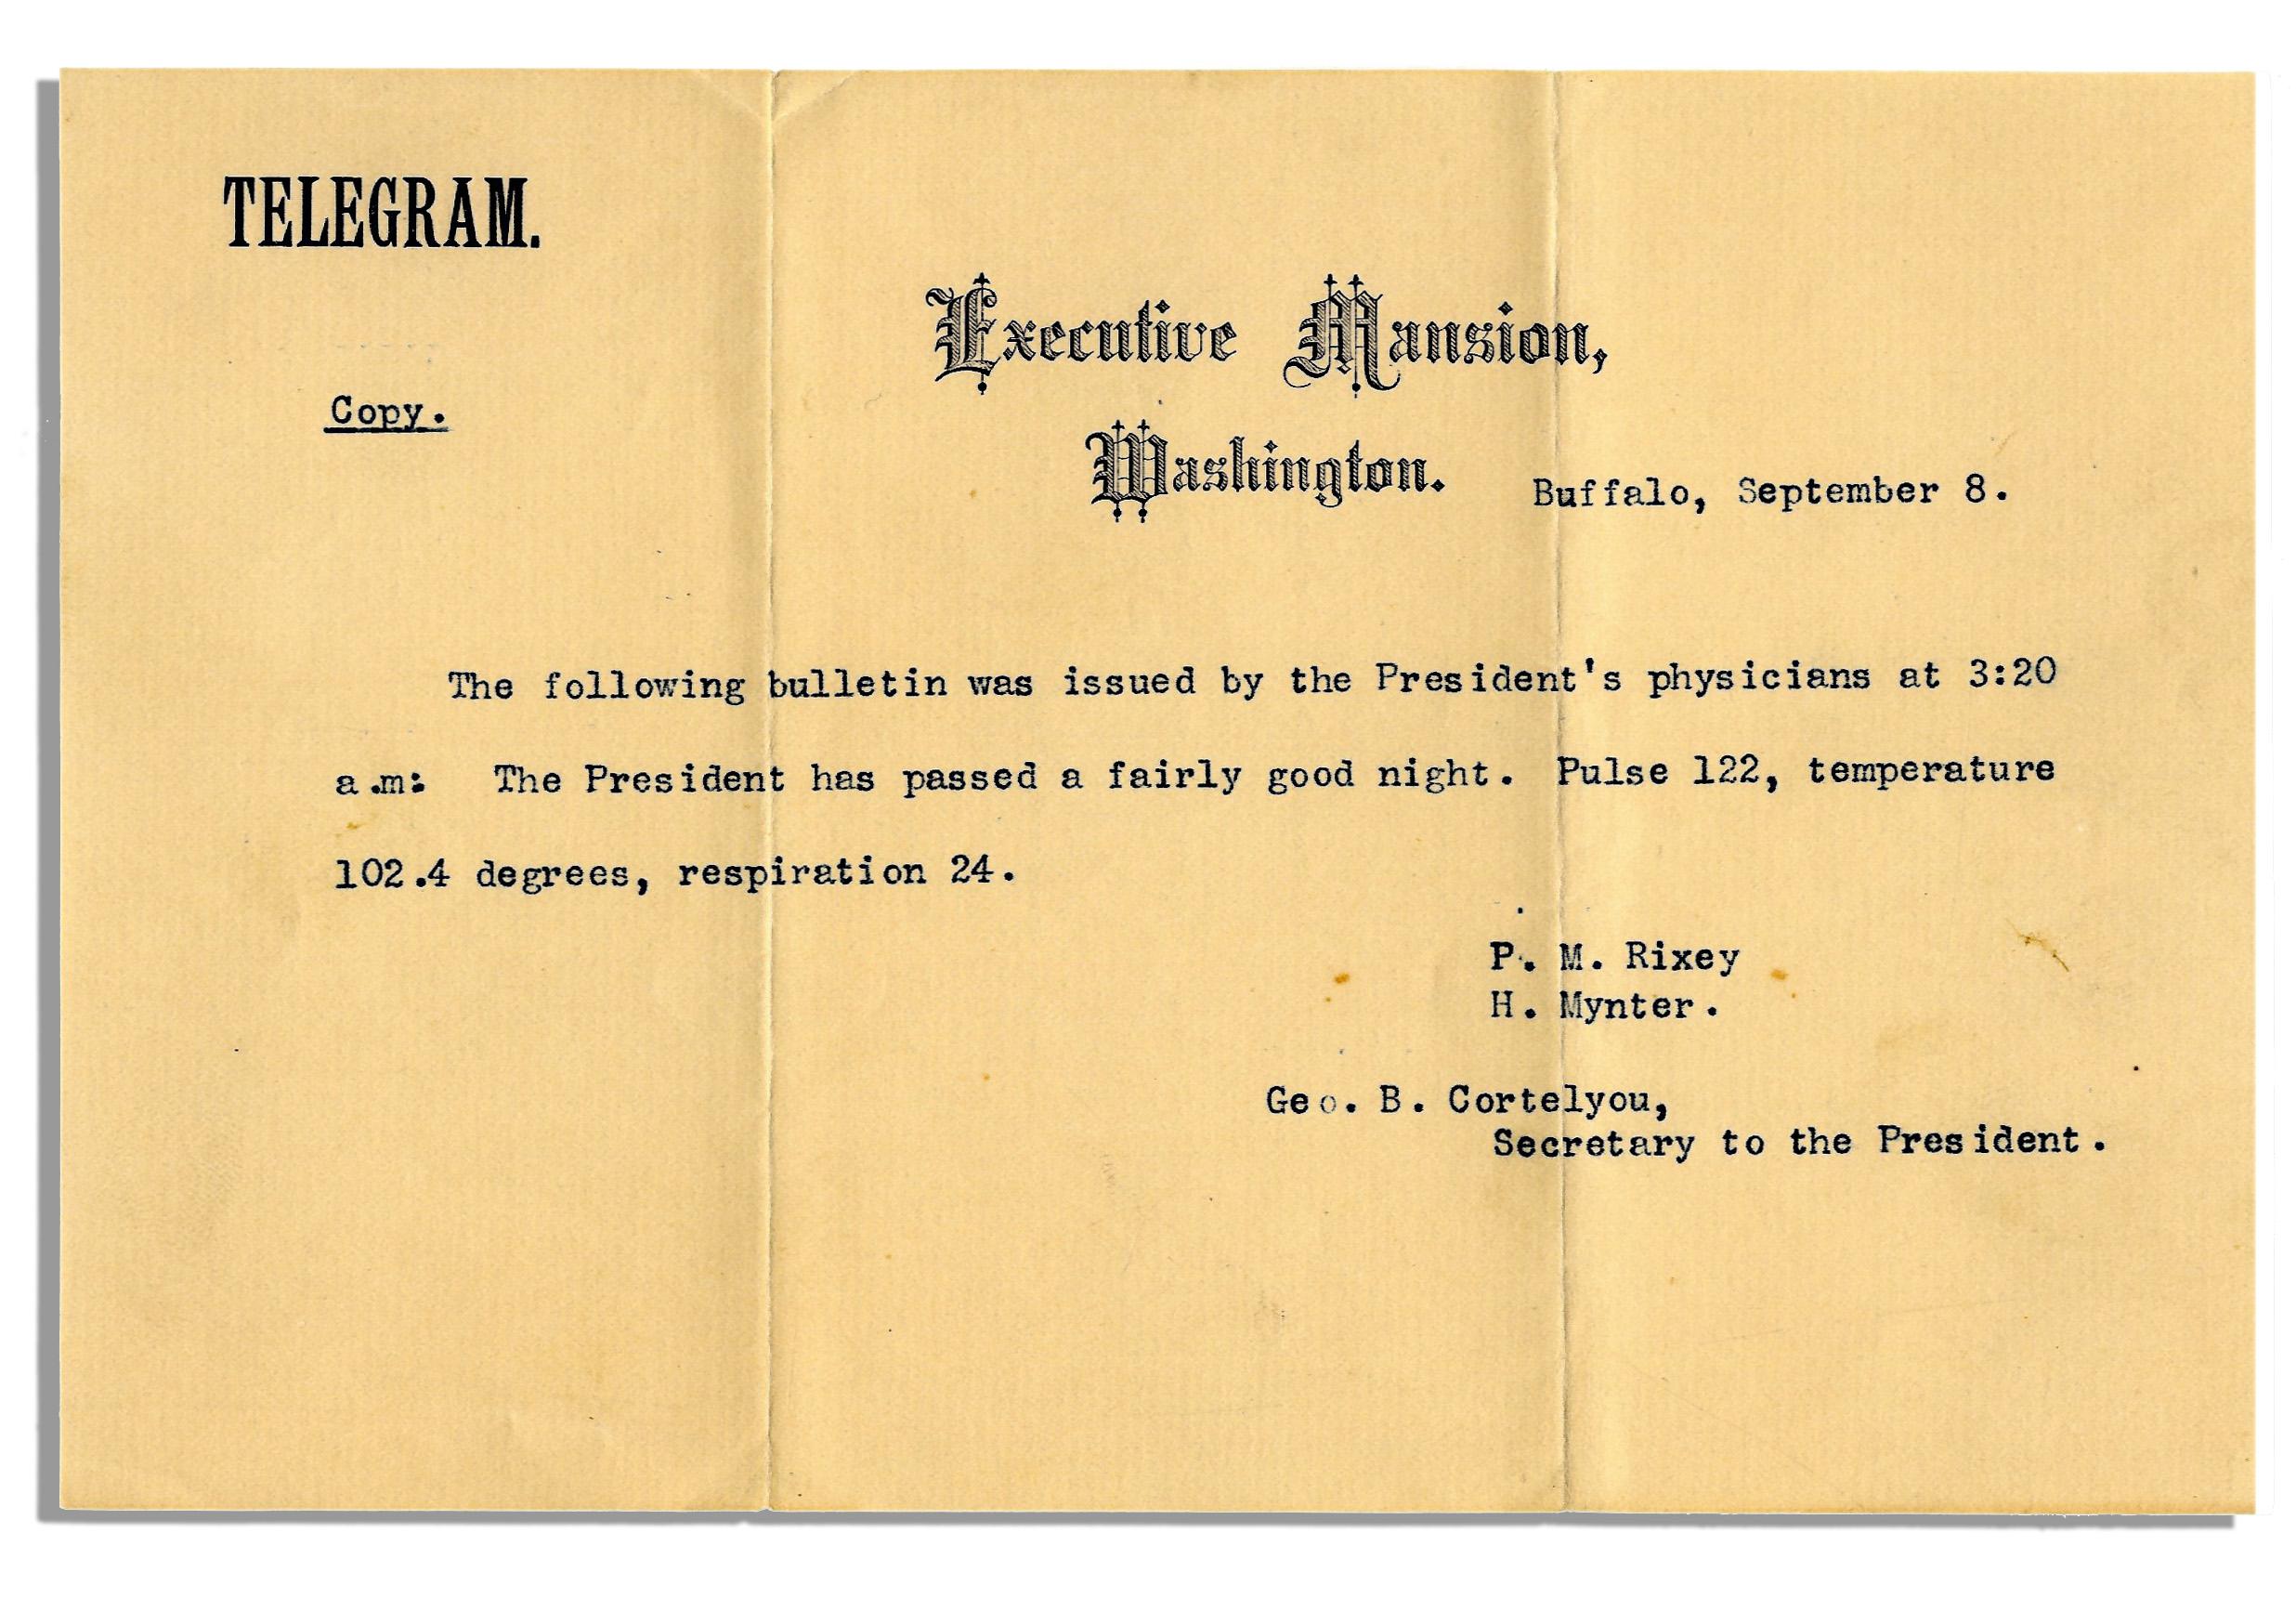 William McKinley memorabilia